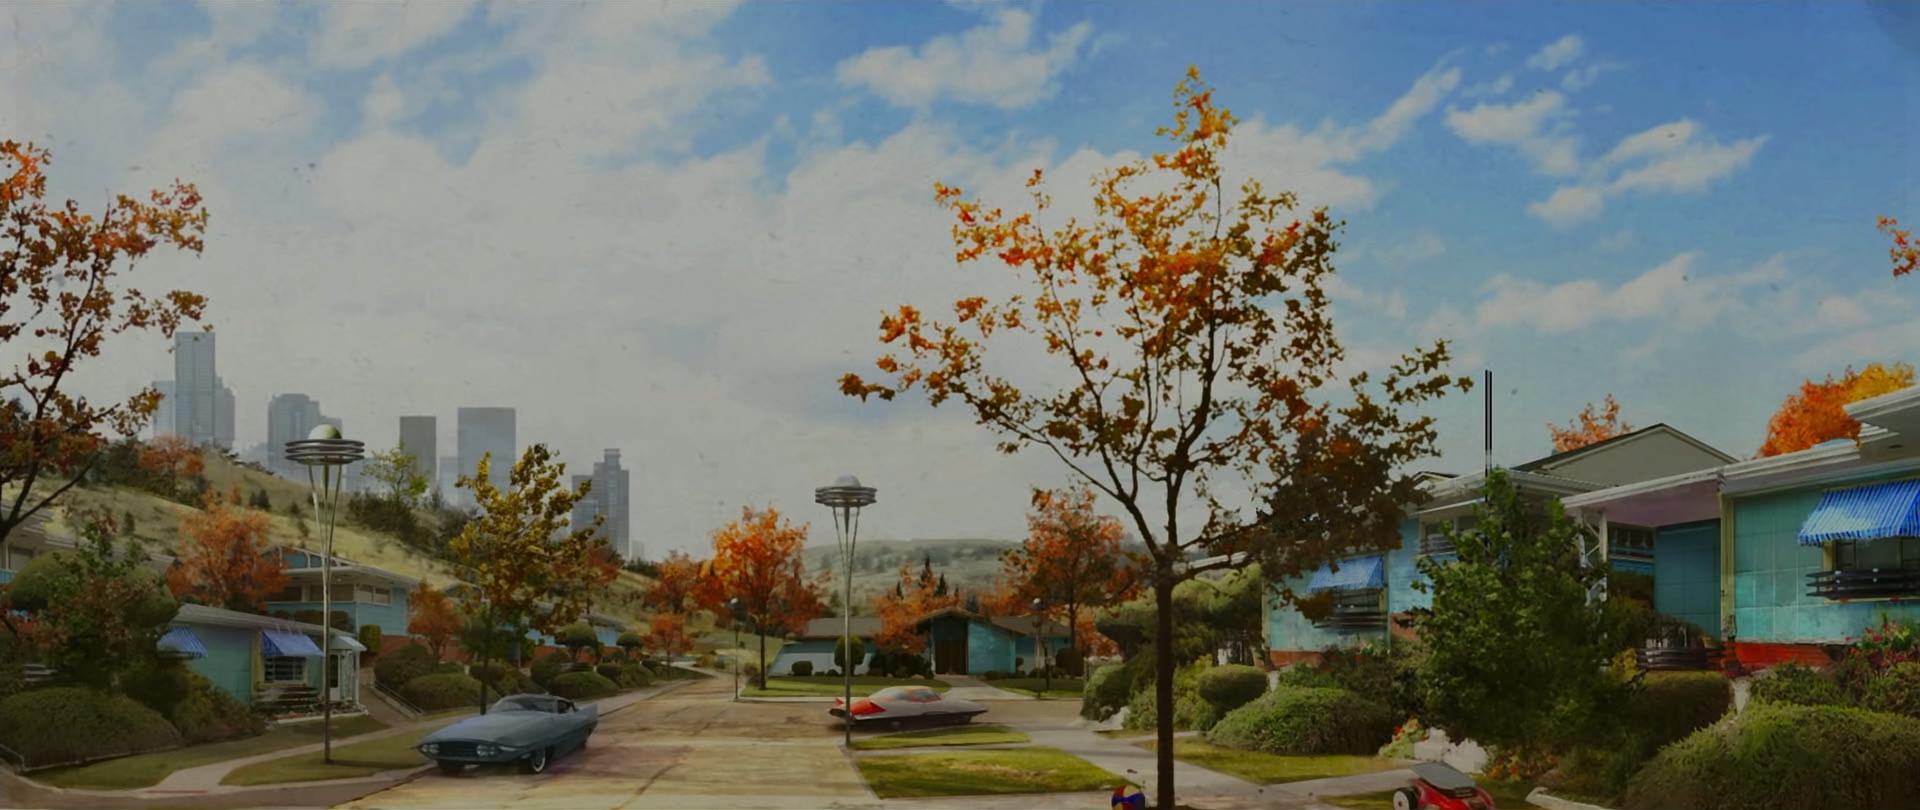 Дневник обитателя Санкчуари-Хиллз (Fallout 4) - Изображение 1